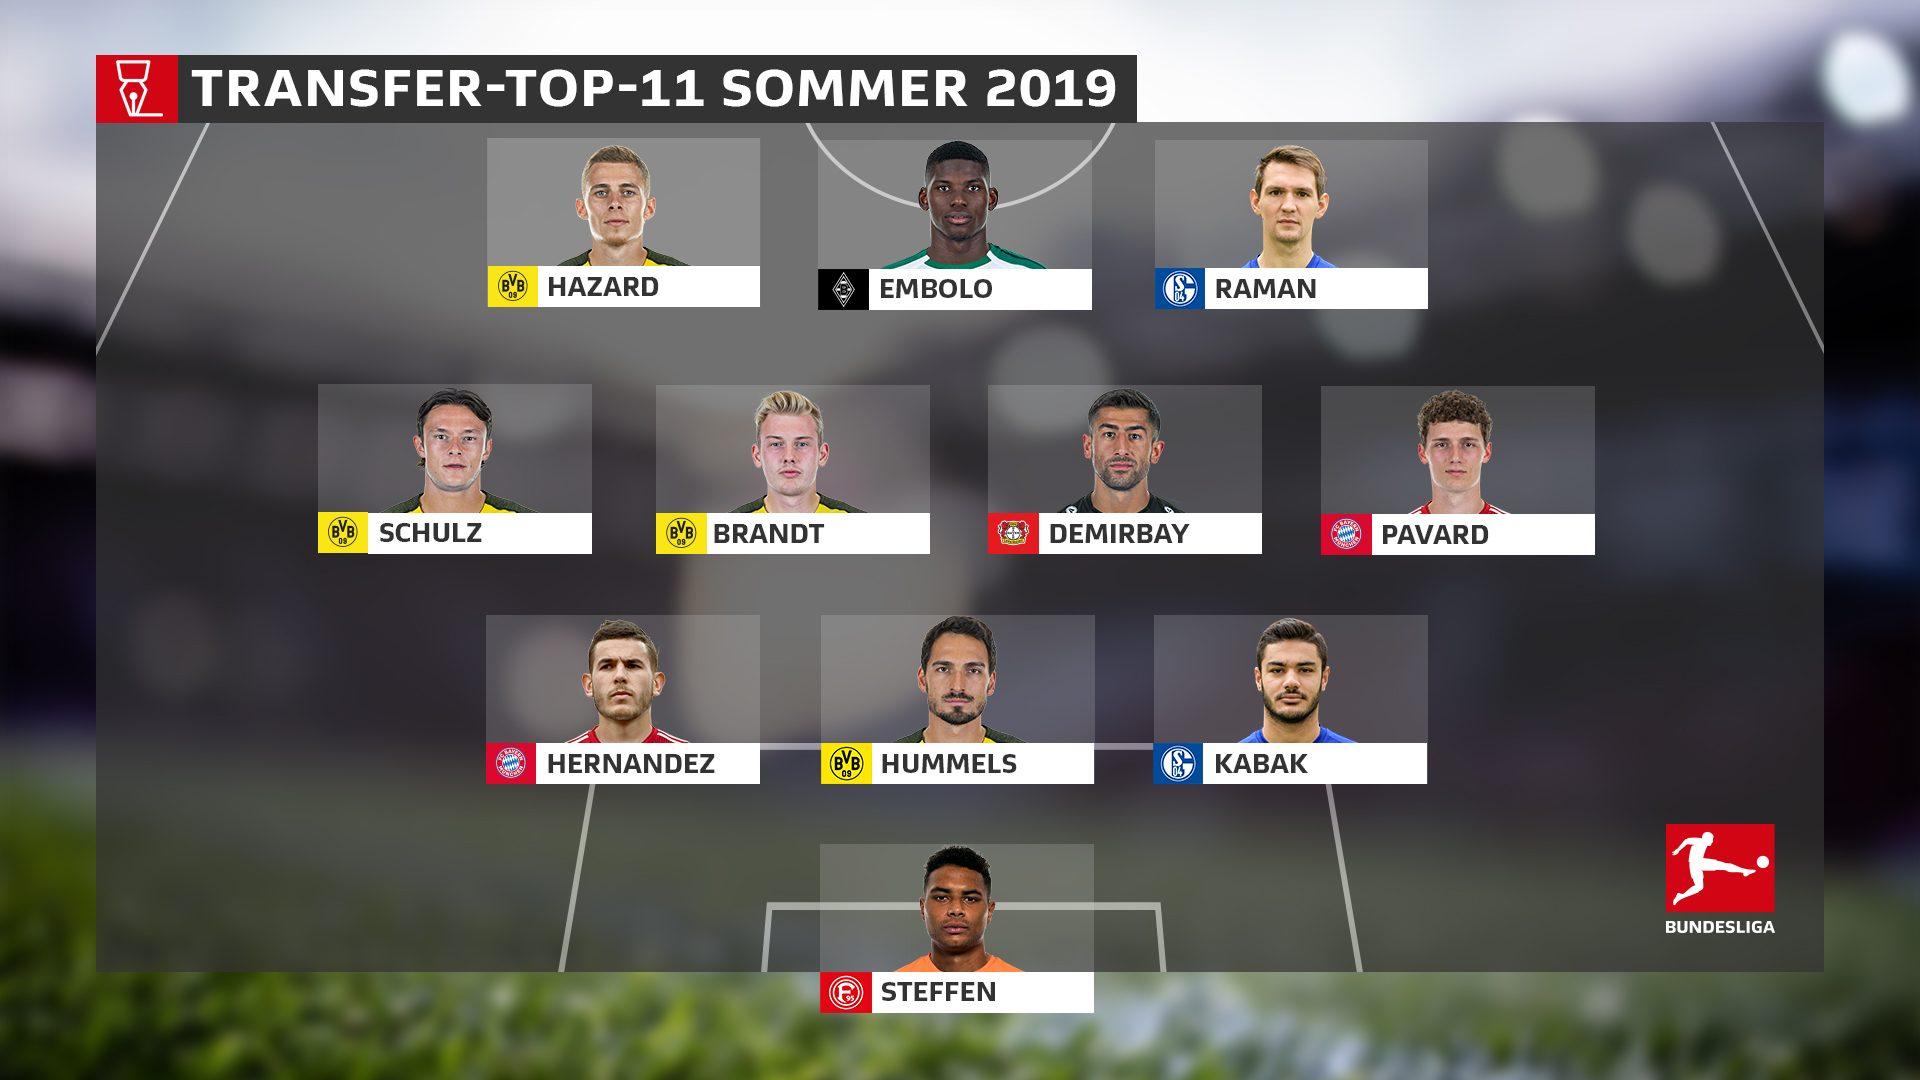 Die Transfer-Top-11 zur neuen Saison